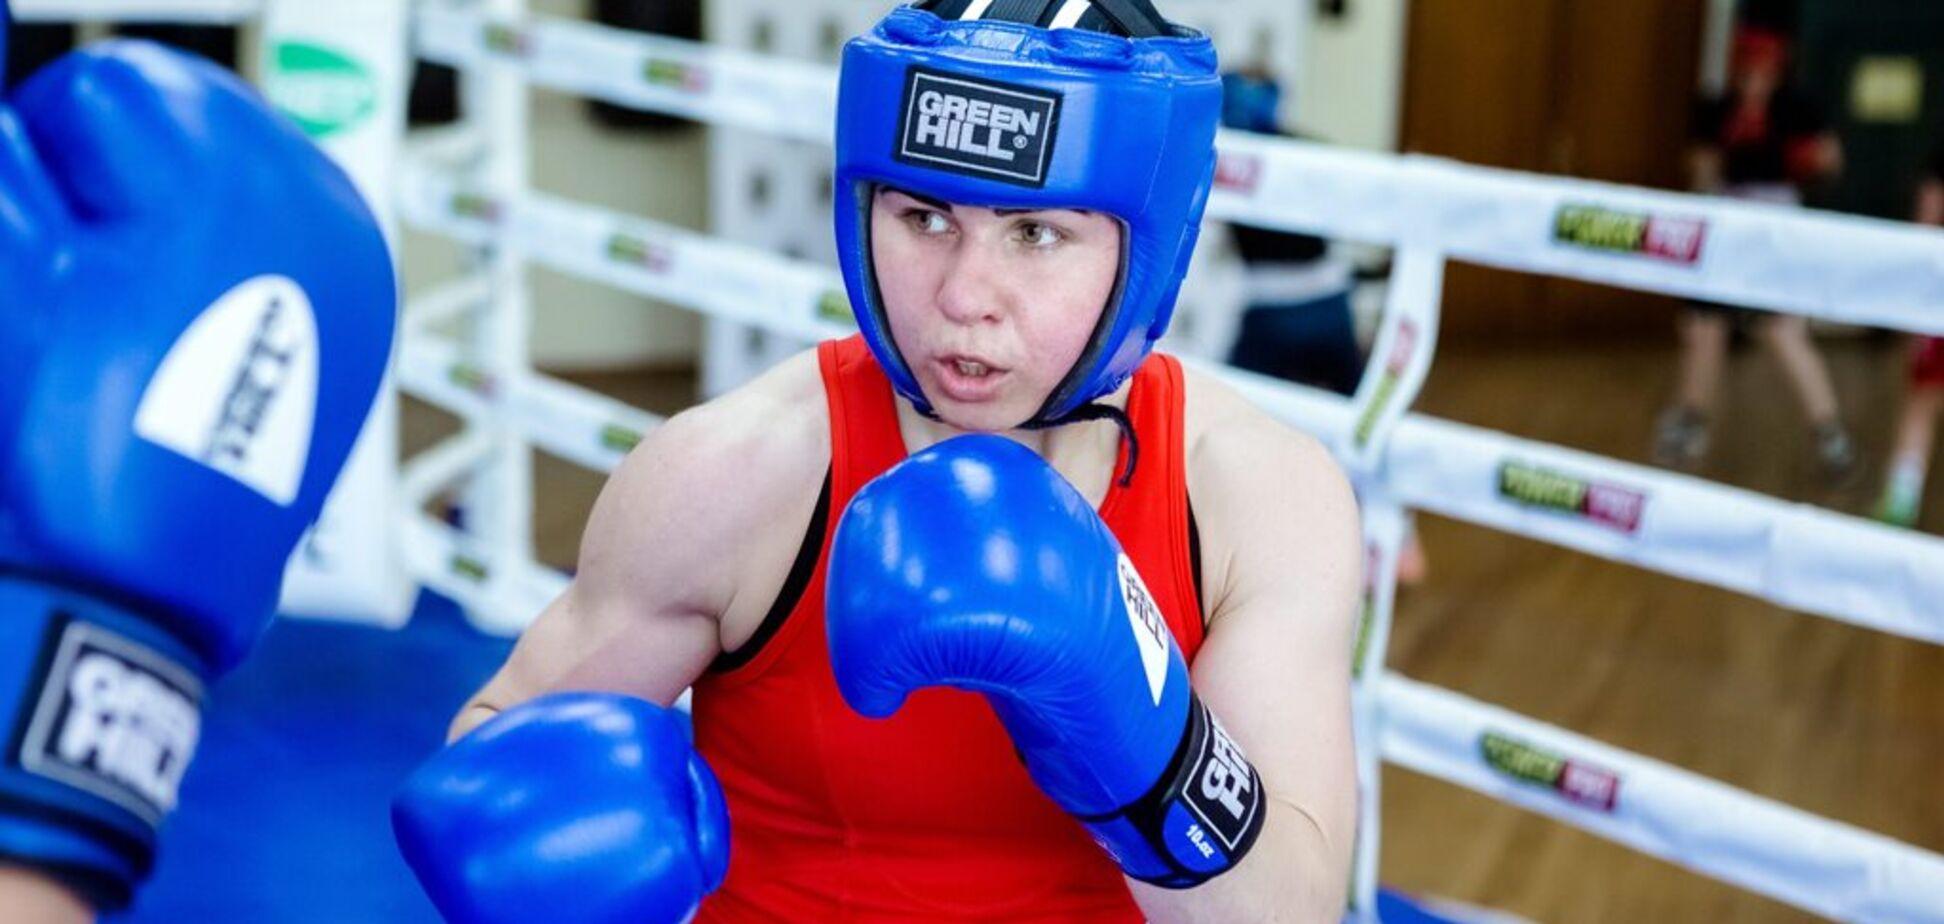 Жіноча збірна України з боксу влаштувала бойкот чемпіонату світу в Росії